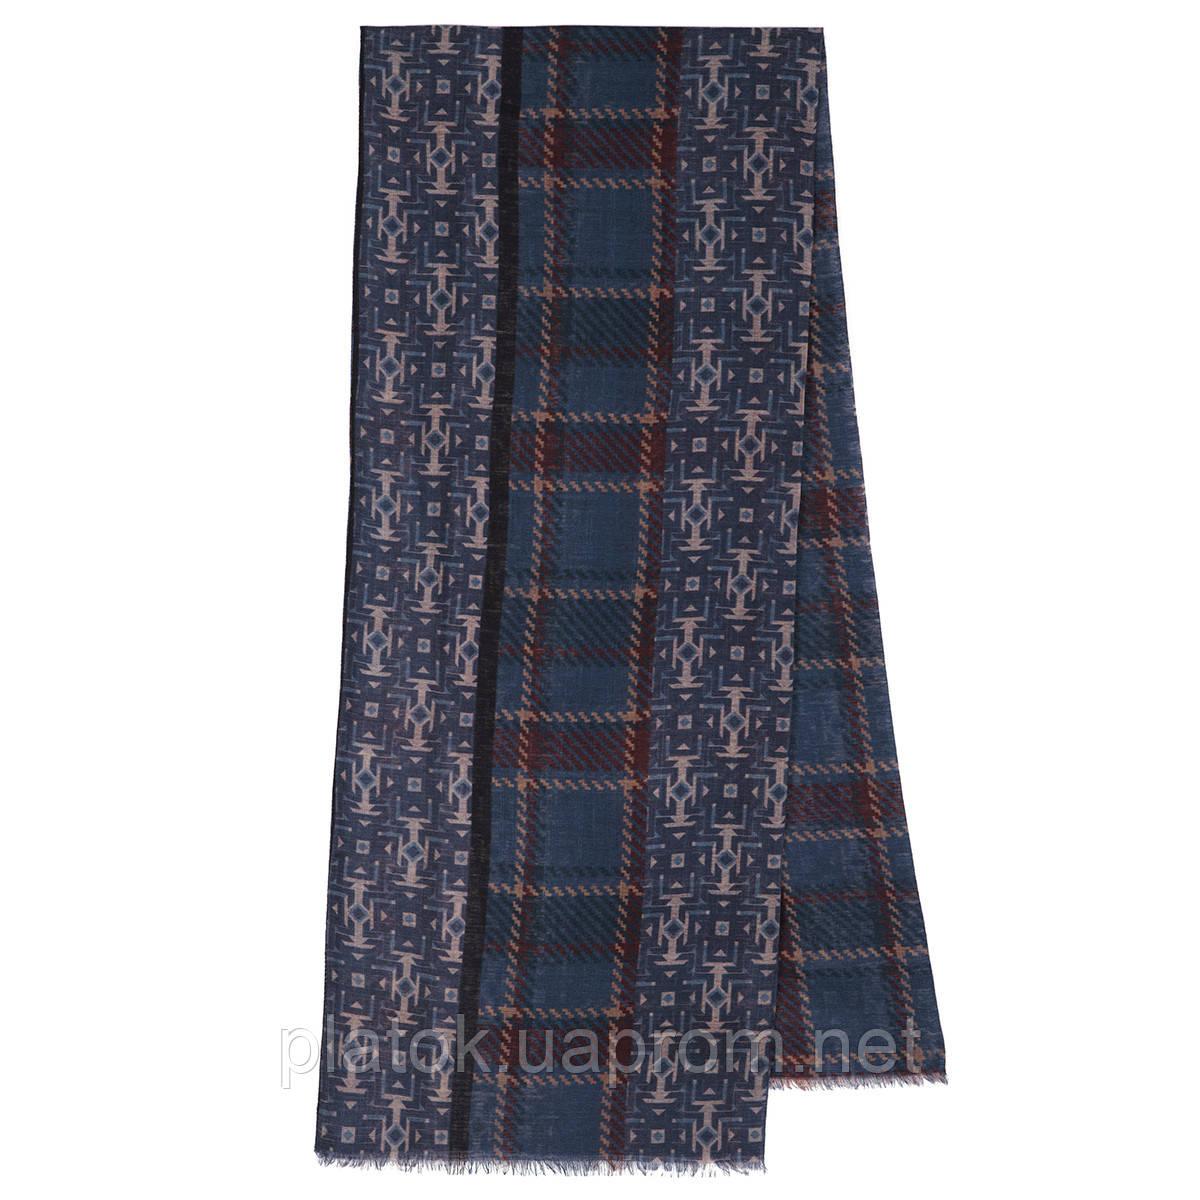 10483-14 кашне чоловіче, павлопосадский шарф (кашне) вовняної (розріджена шерсть) з осыпкой